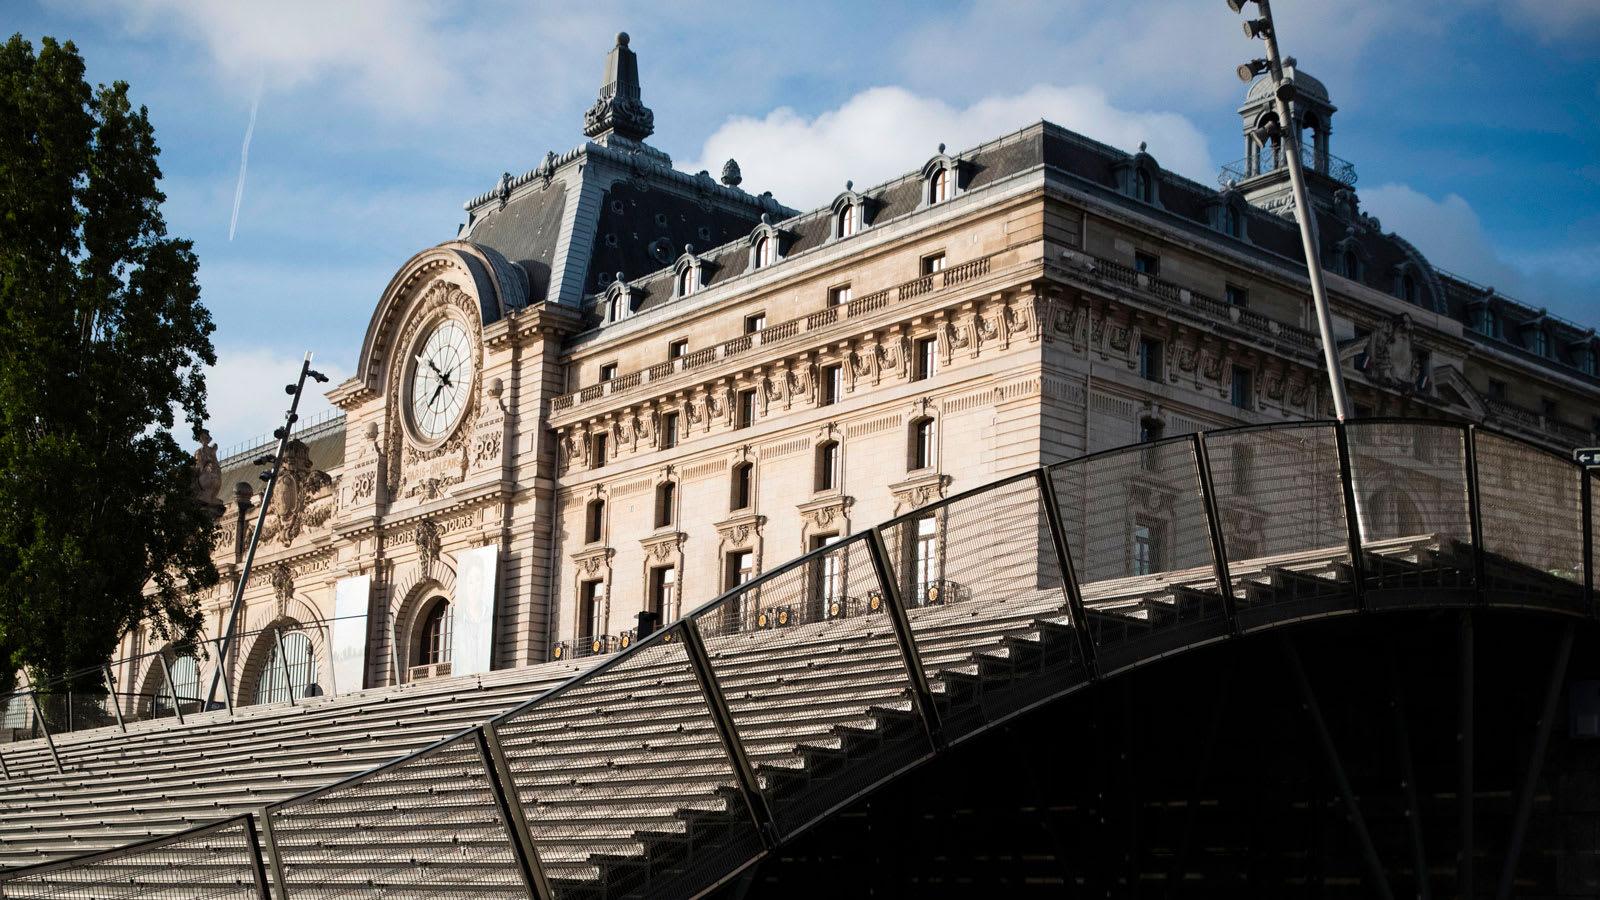 السياحة في باريس.. ماذا حدث في المدينة الأكثر زيارة في العالم في أعقاب جائحة فيروس كورونا؟